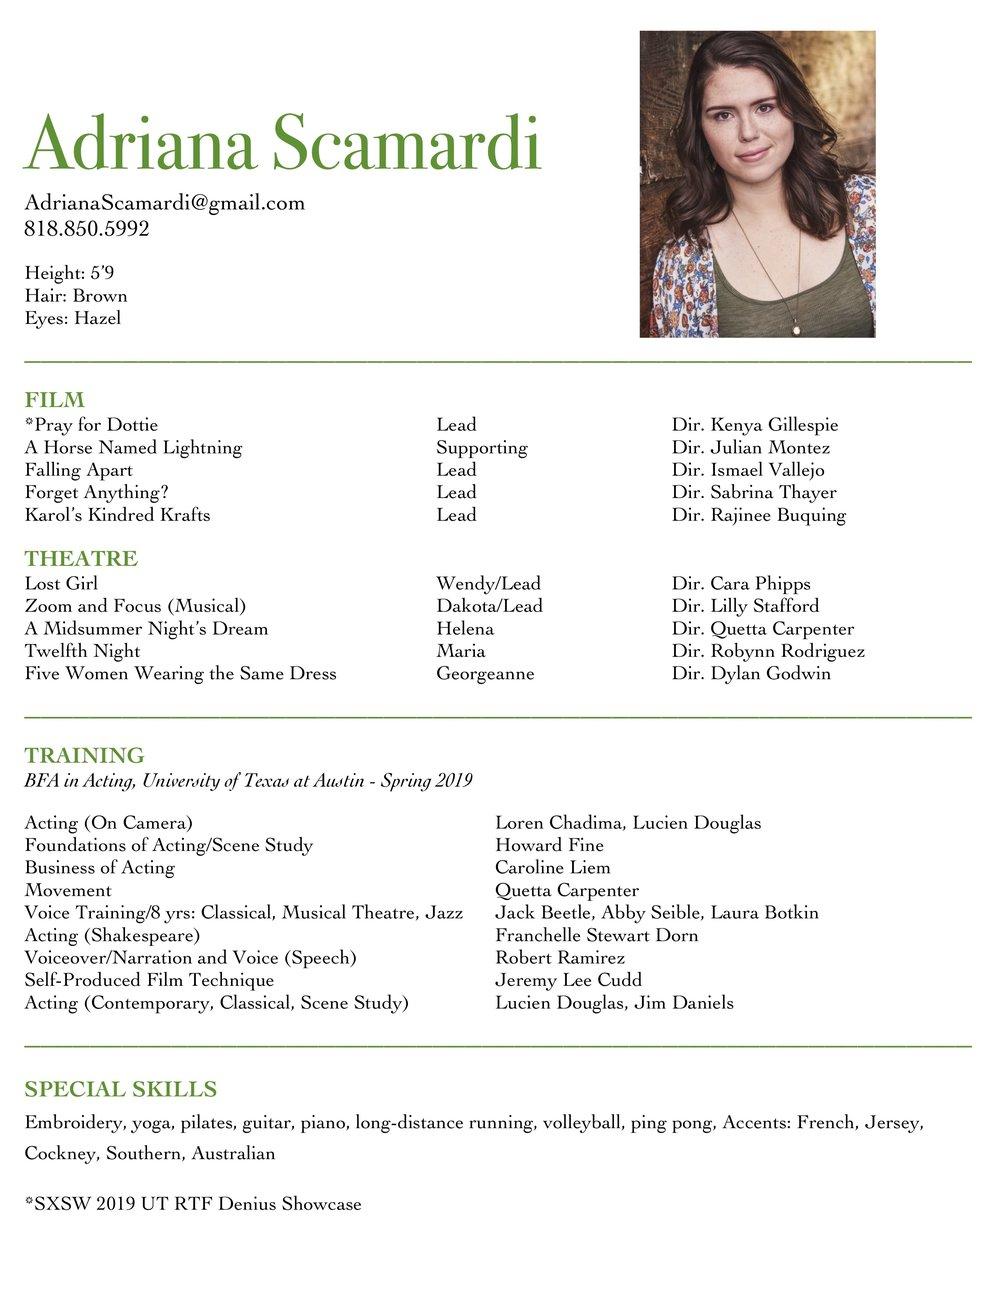 website updated resume.jpg